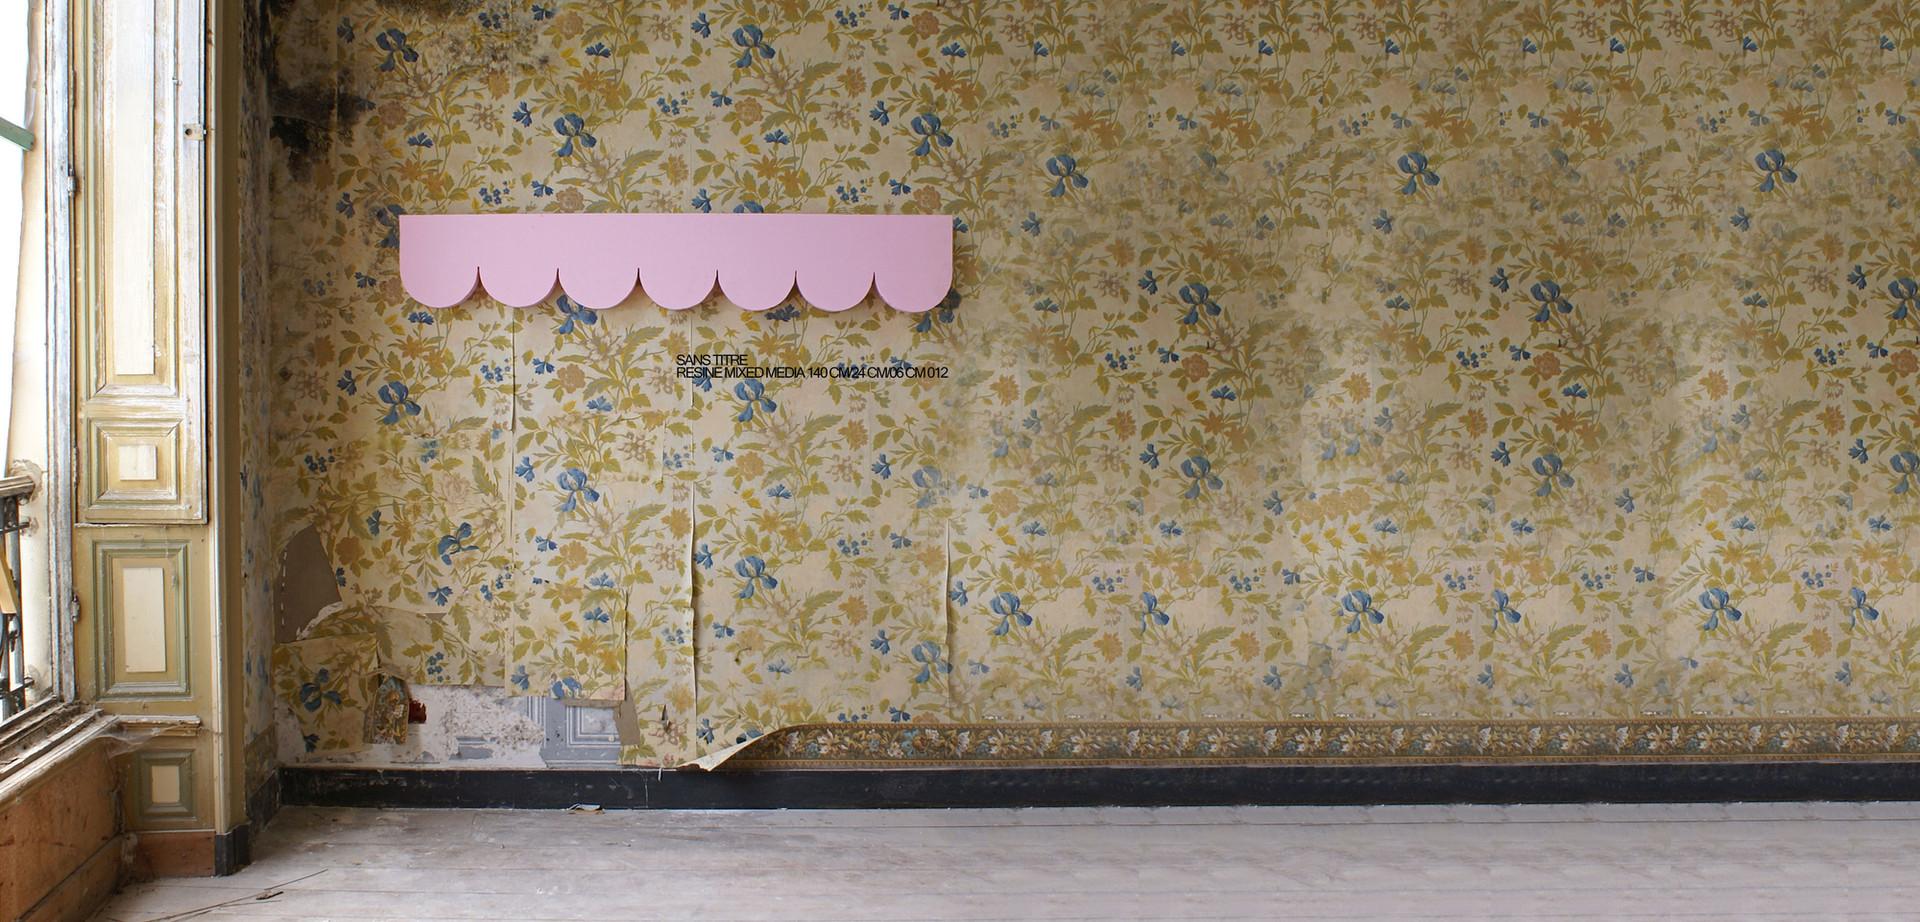 Motif rose - Olivier ROCHEAU